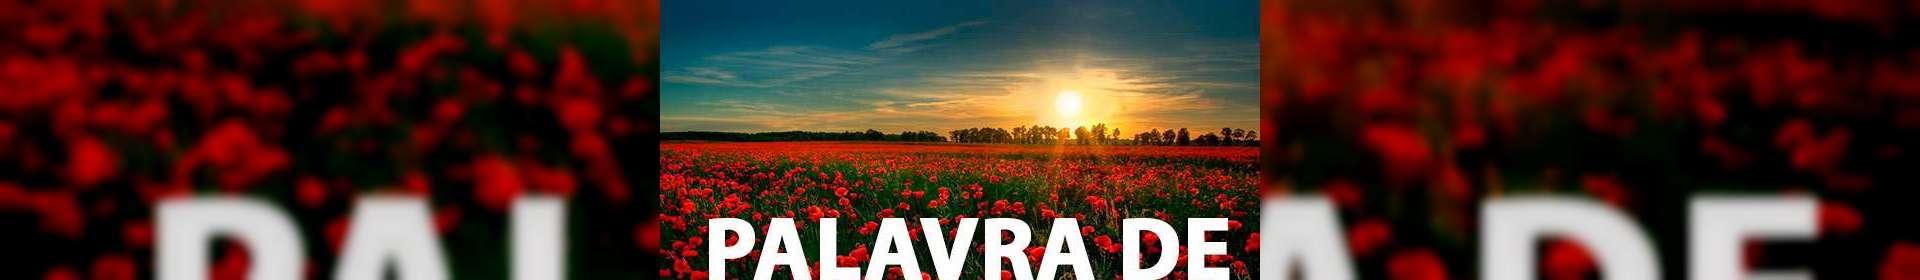 Salmos 107:28 - Uma Palavra de Esperança para sua vida